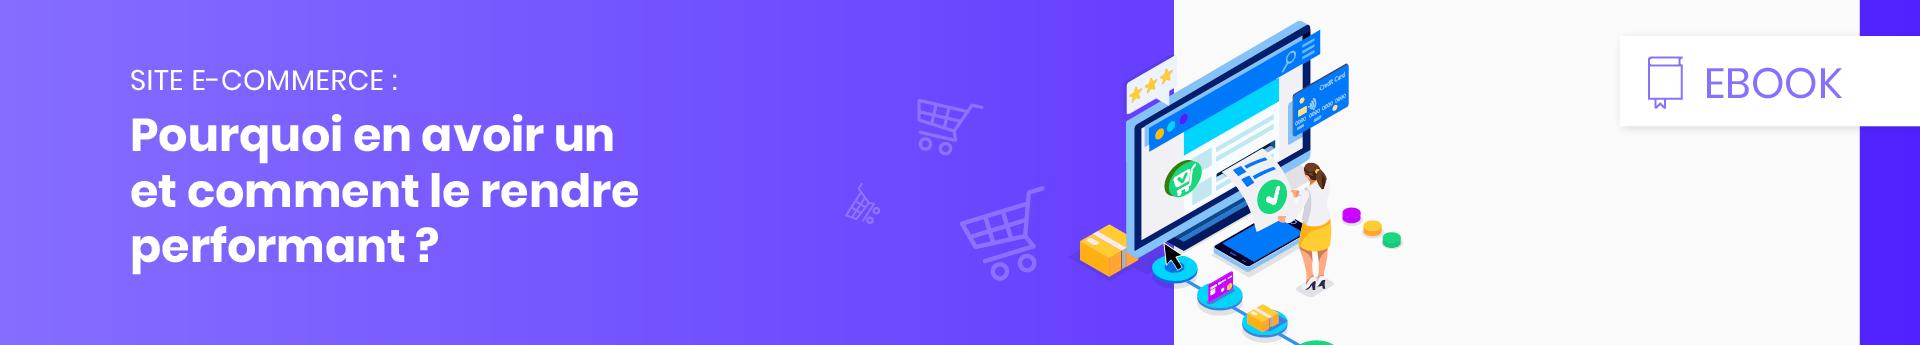 Ebook site e-commerce : pourquoi en avoir un et comment le rendre performant !